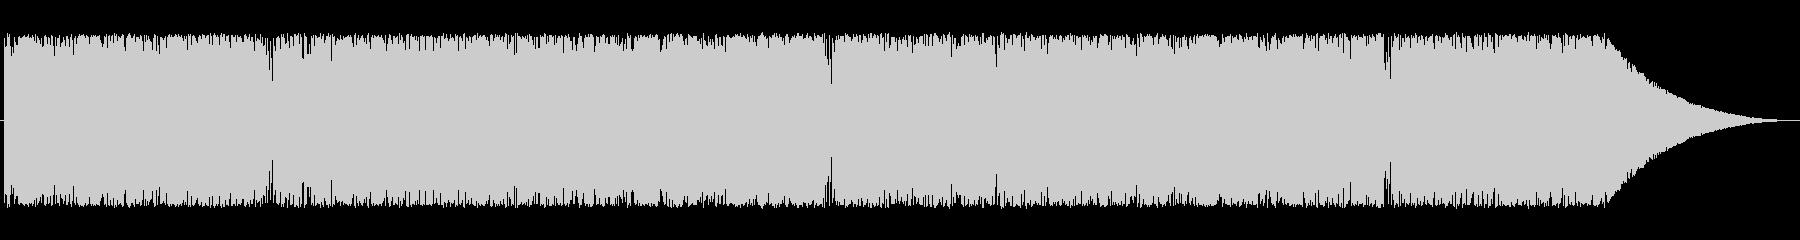 ピアノロック(ラスボス)の未再生の波形